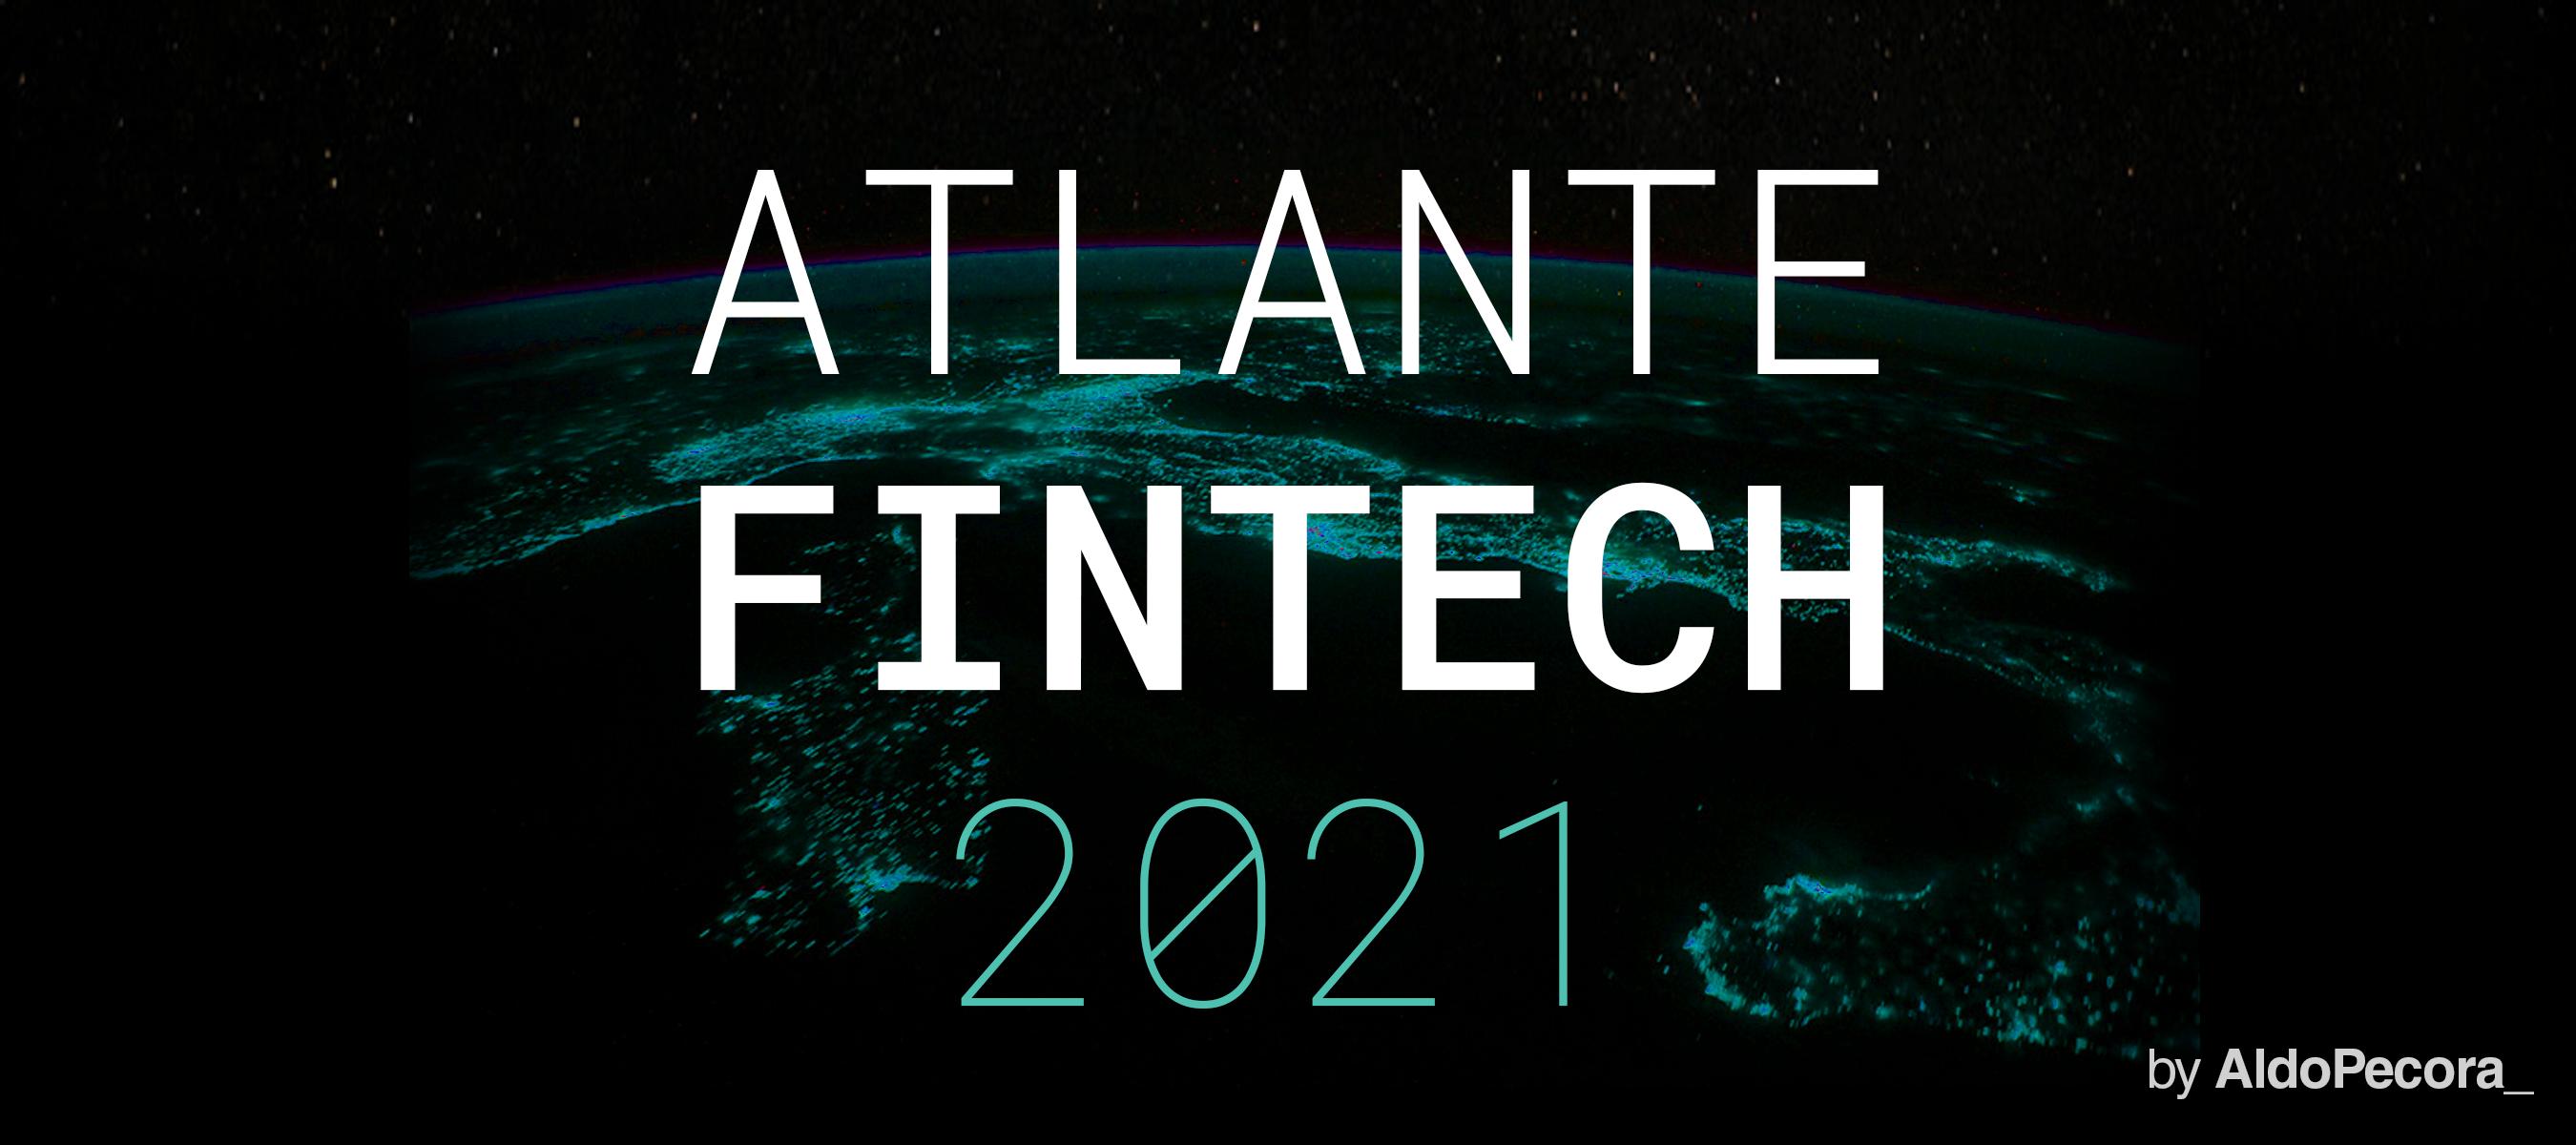 Atlante Fintech 2021